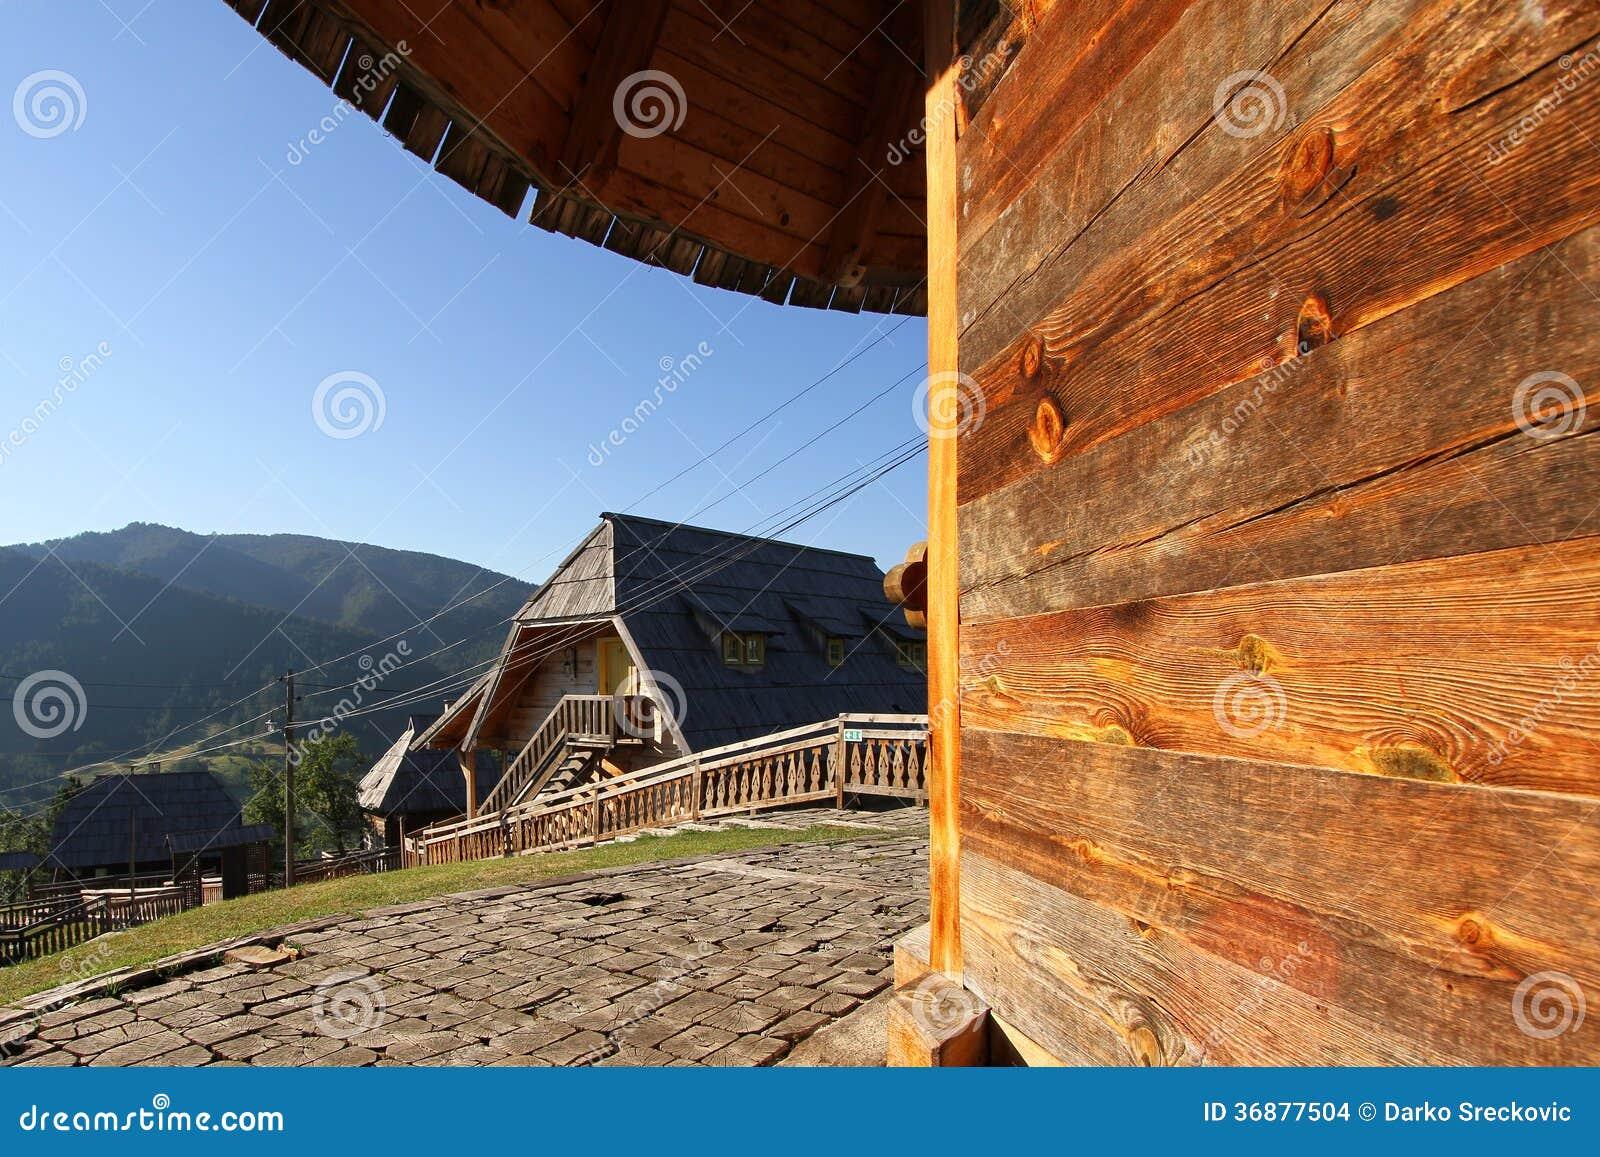 Download Villaggio etnico fotografia stock. Immagine di struttura - 36877504